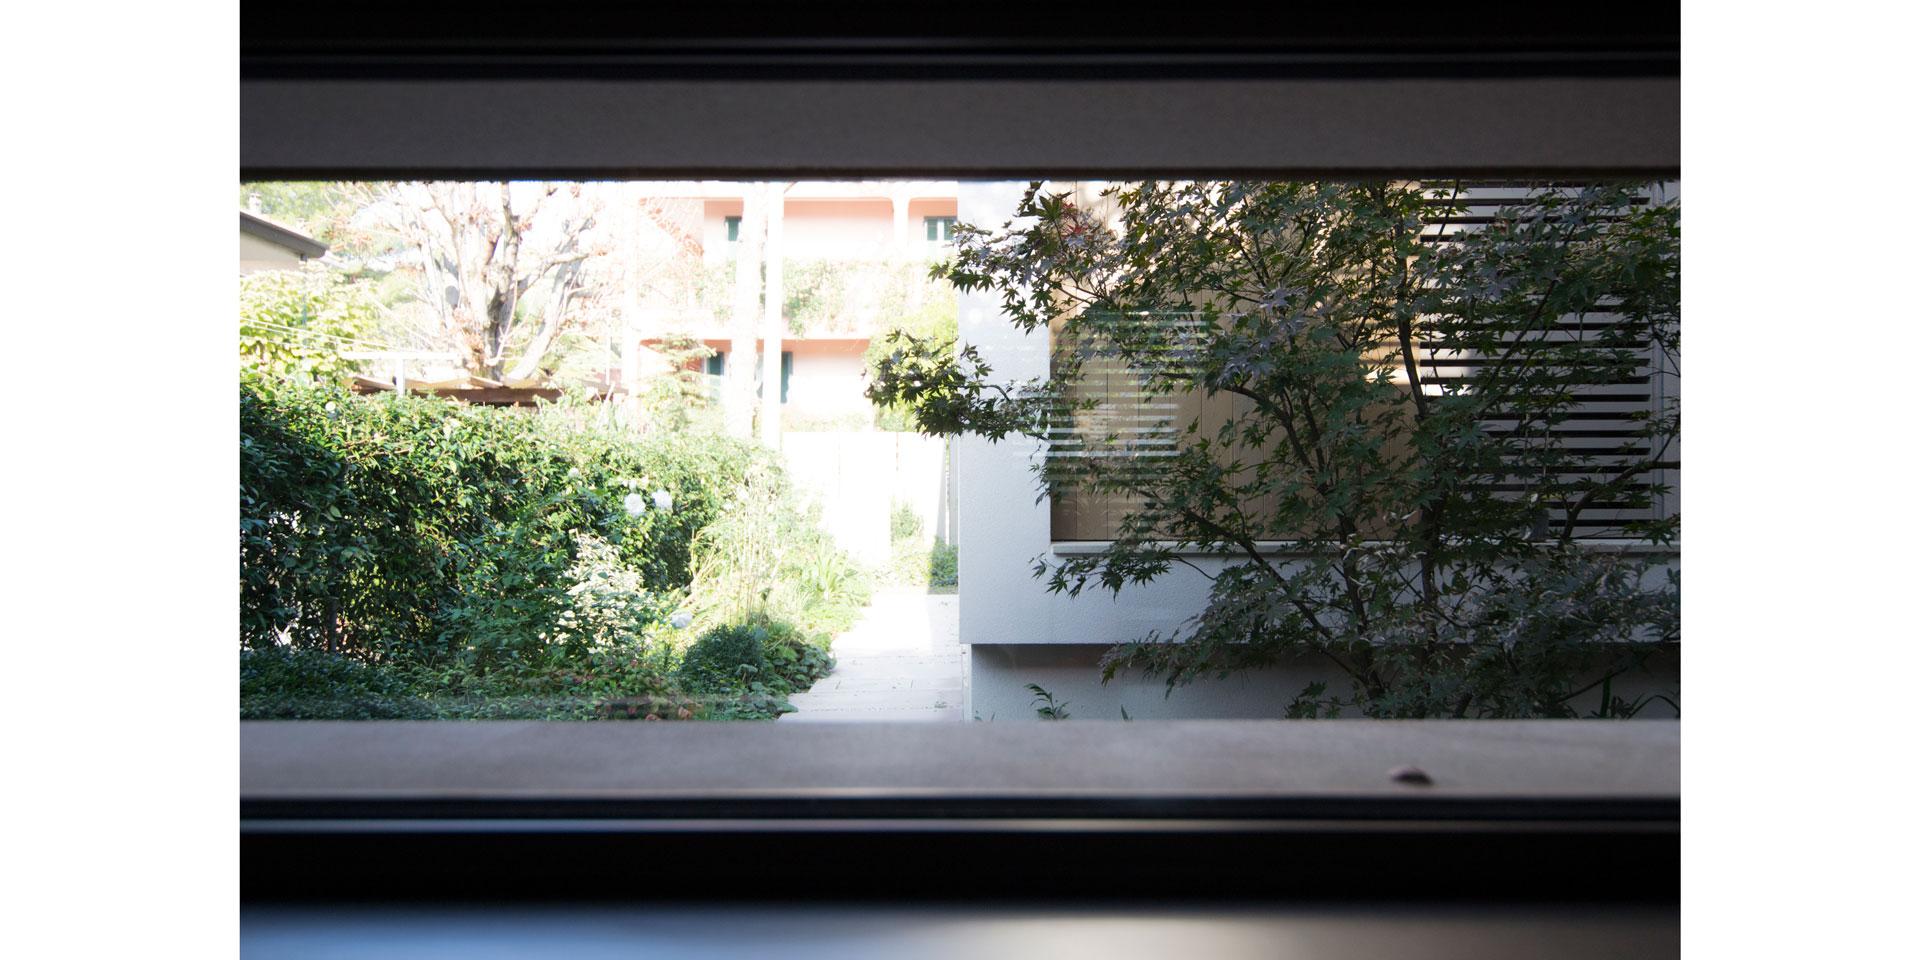 archinow_MAR_residenza-privata-rimini_12-1